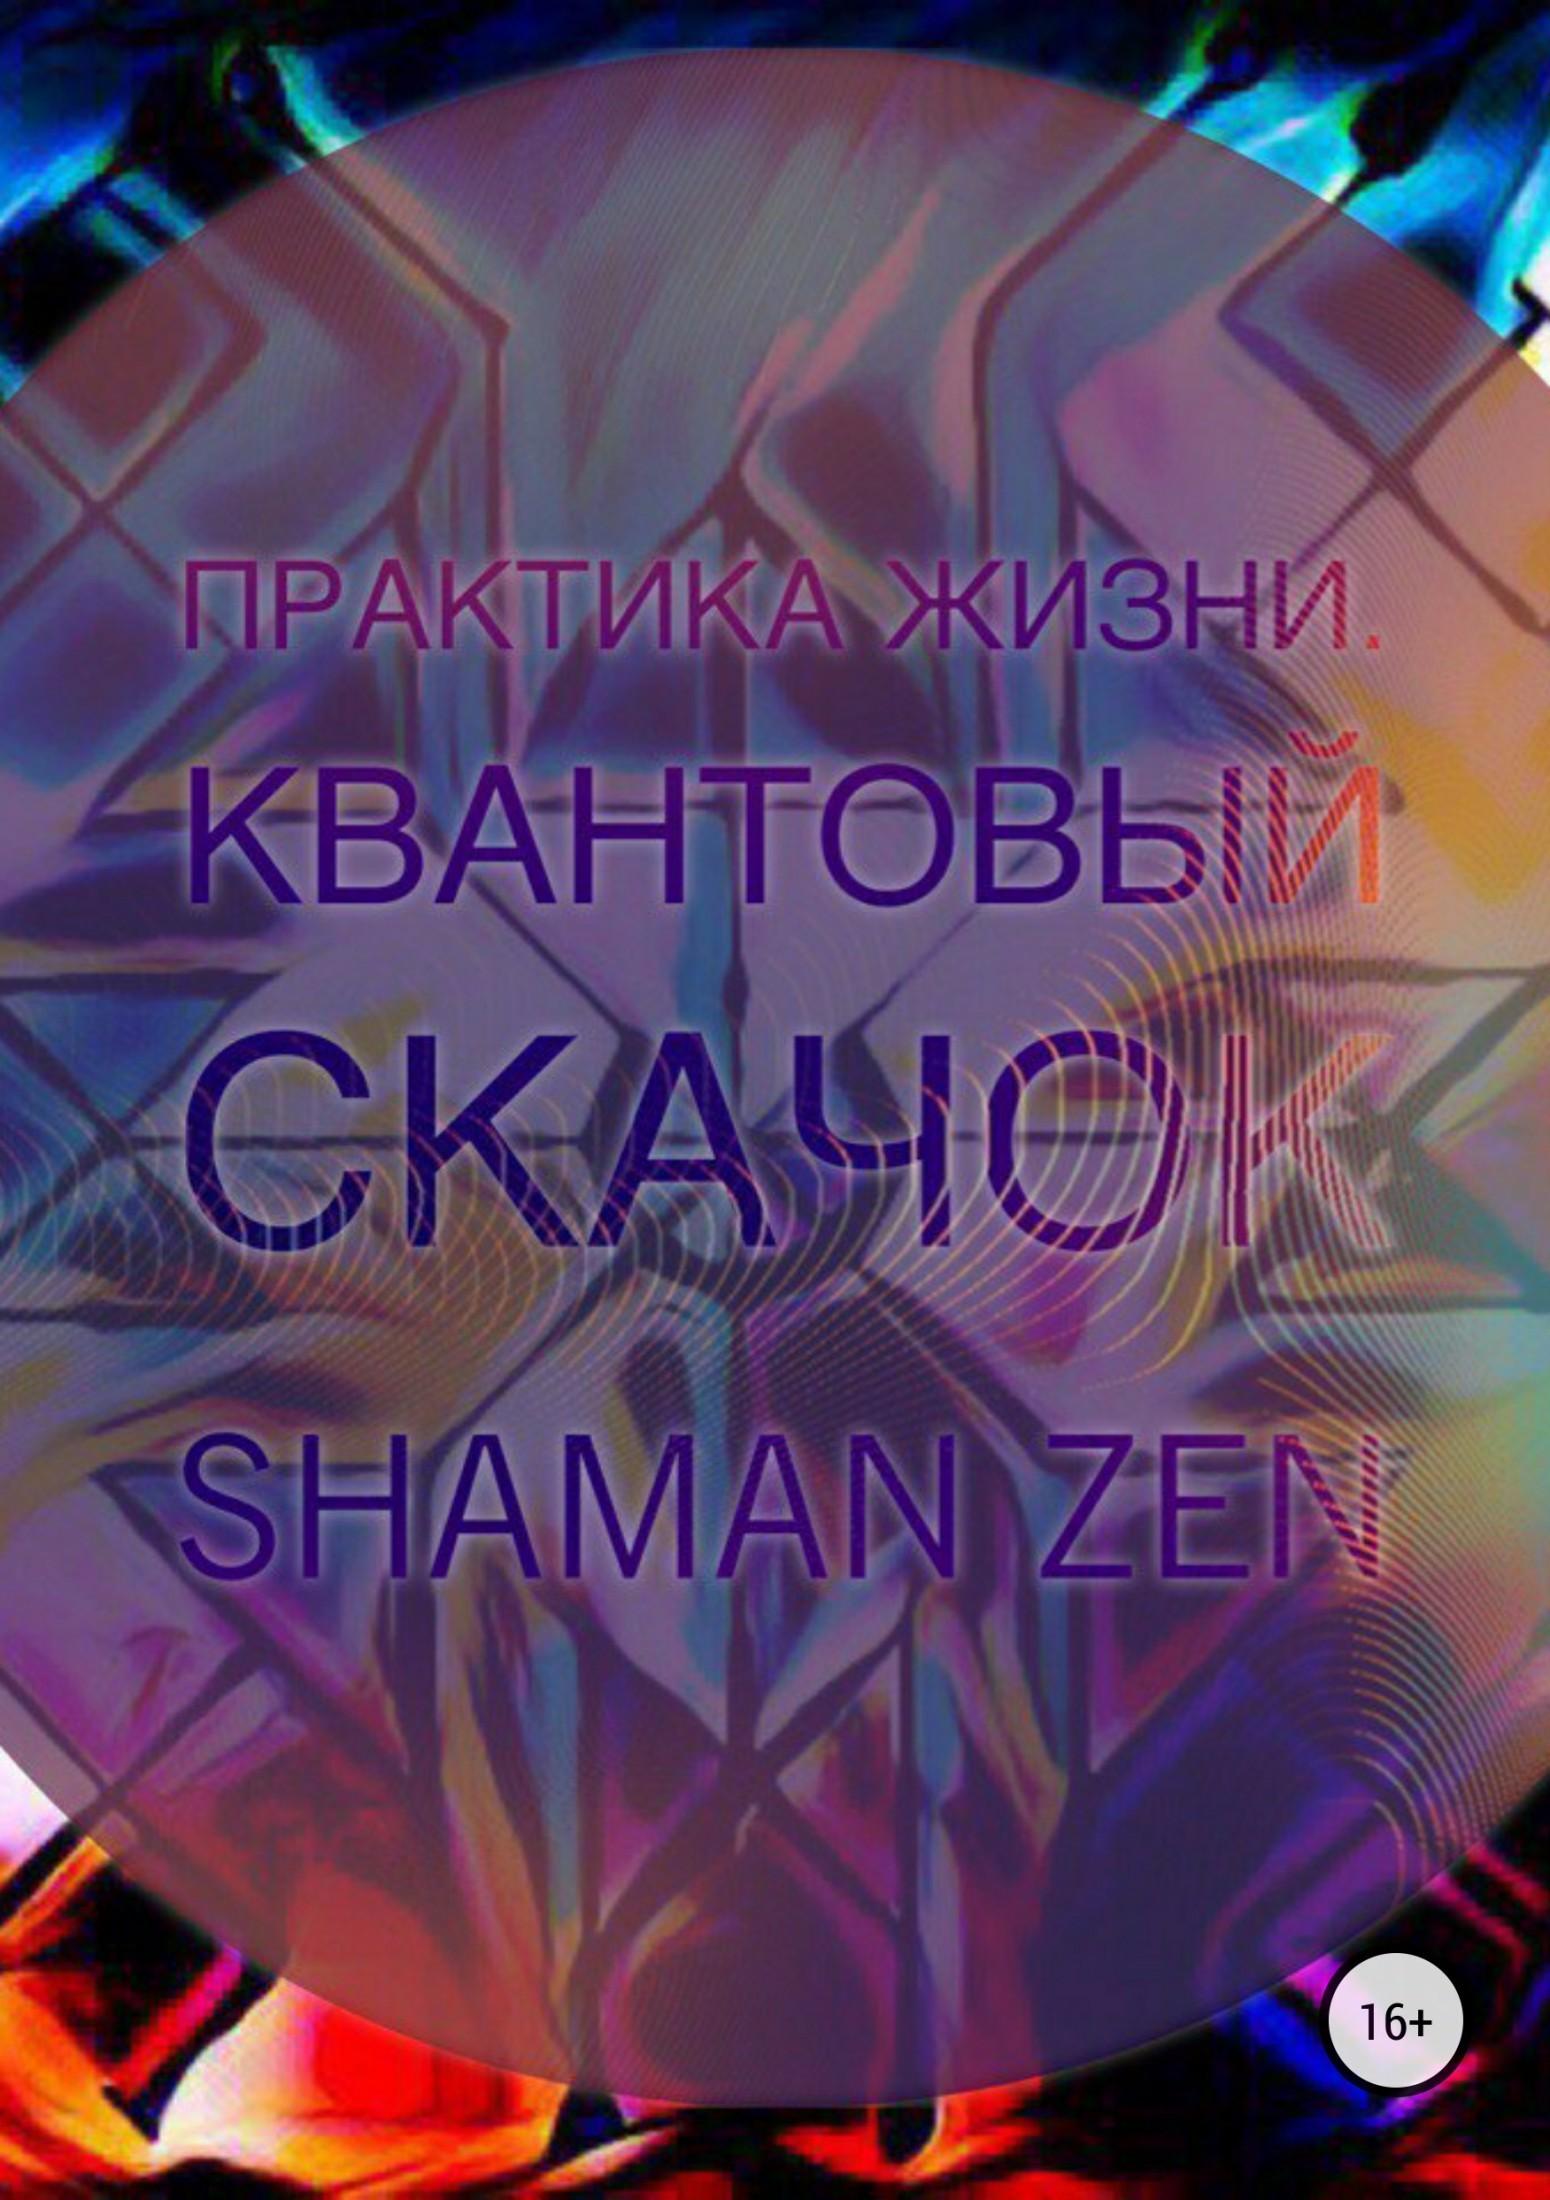 Shaman ZEN Практика Жизни. Квантовый Скачок гилка н квантовый скачок энергия передачи мыслей посредством паралл мира